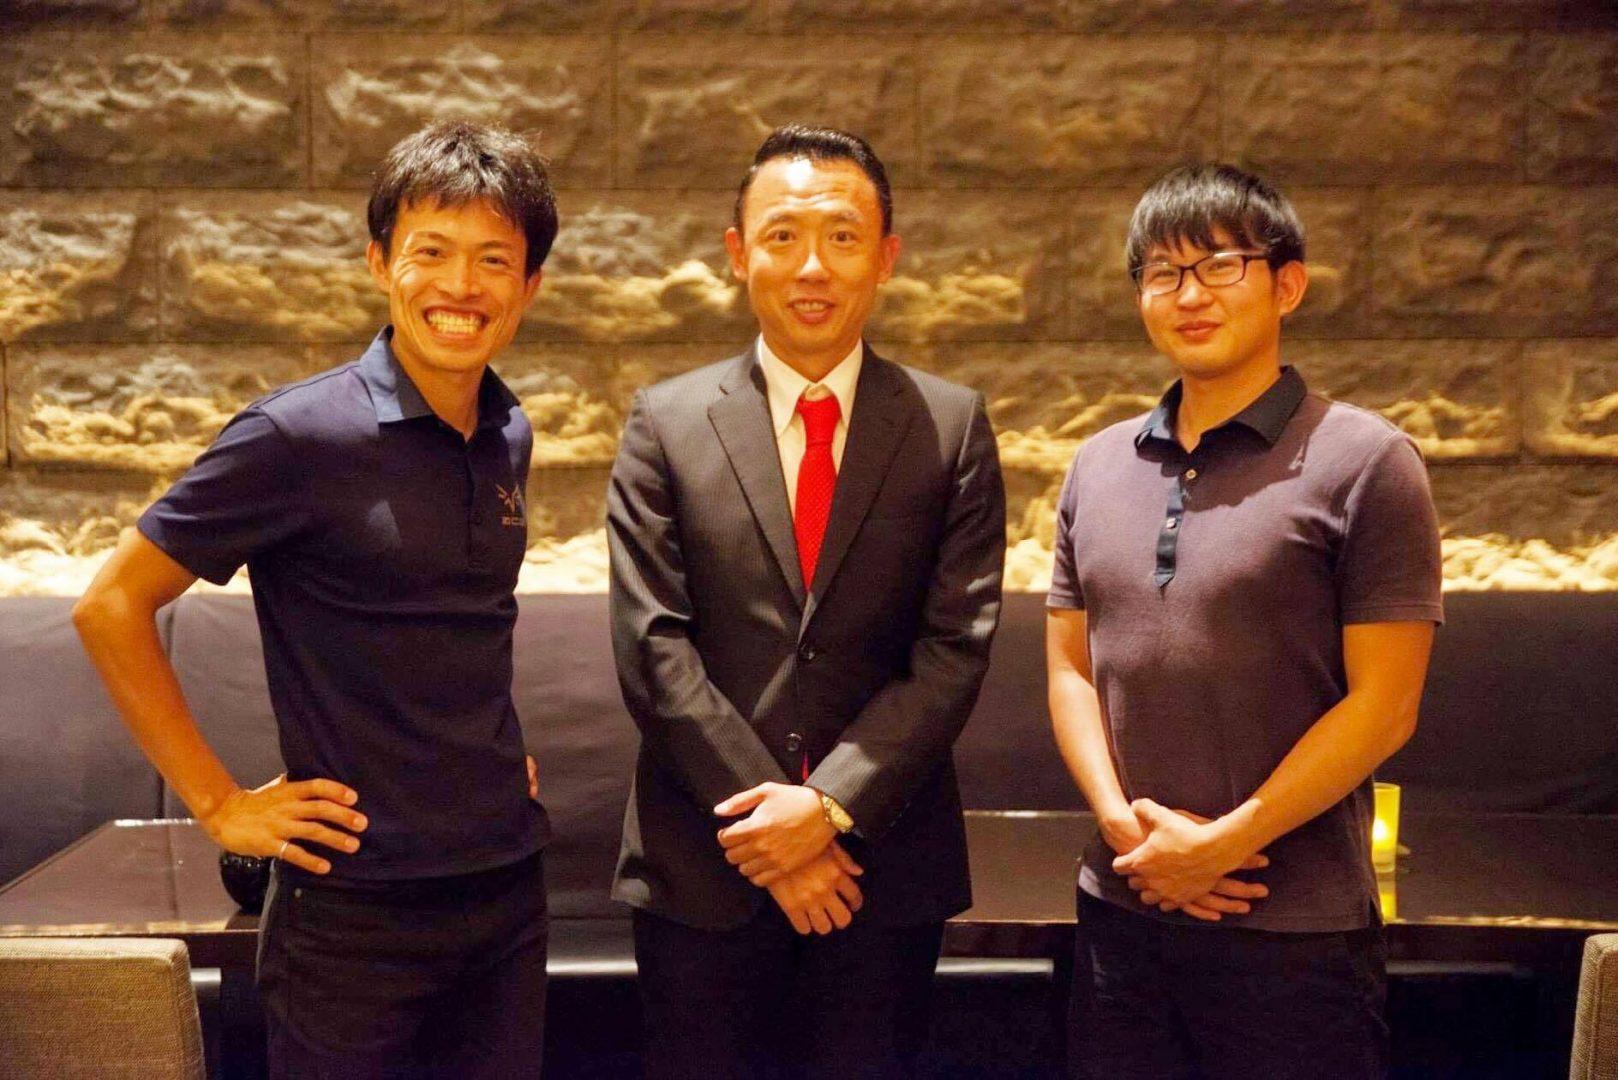 【卓球・Tリーグ】琉球アスティーダがトライアスロンチームを発足